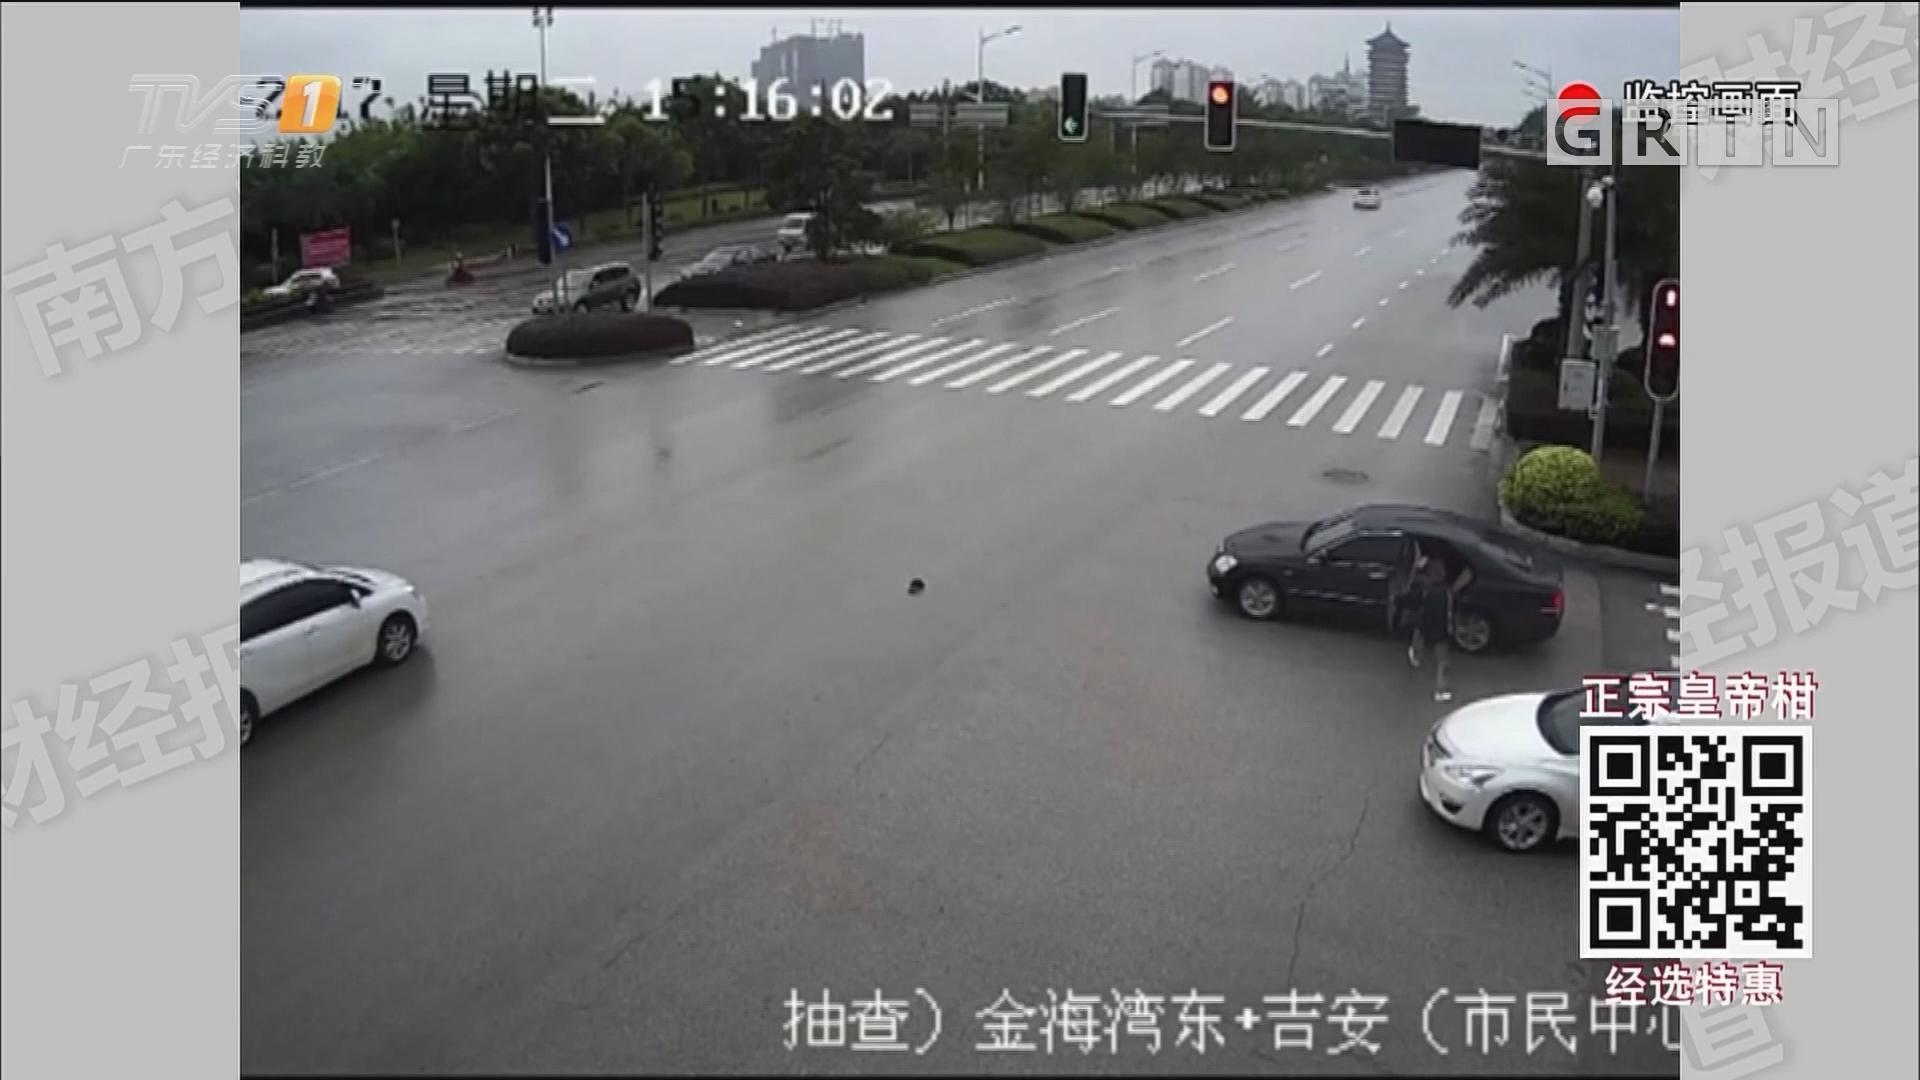 女司机停车等绿灯 遭壮汉砸窗抢劫